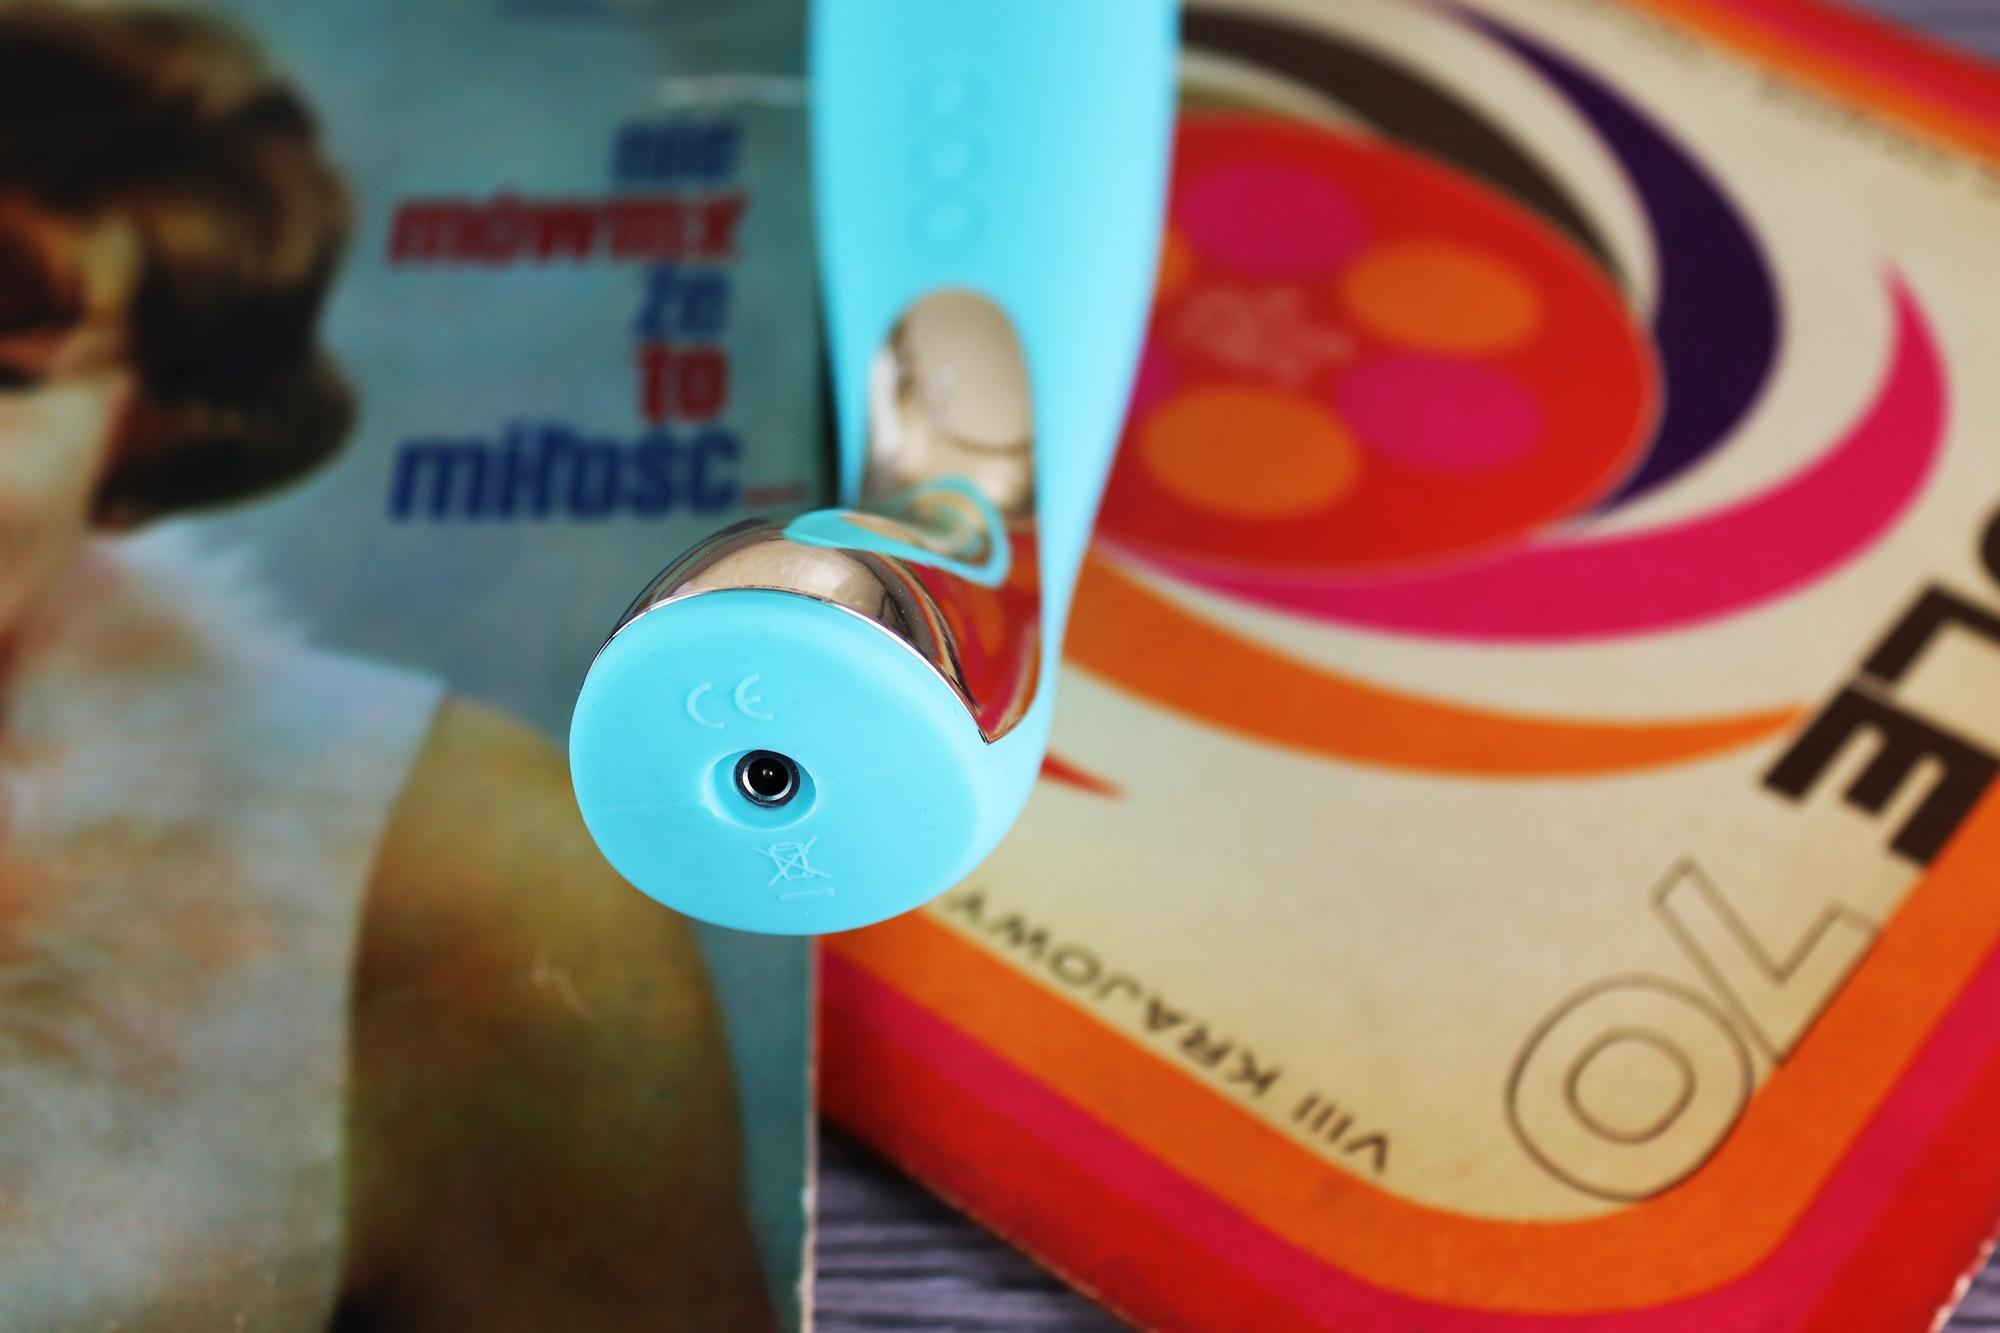 lelo smart wand 2